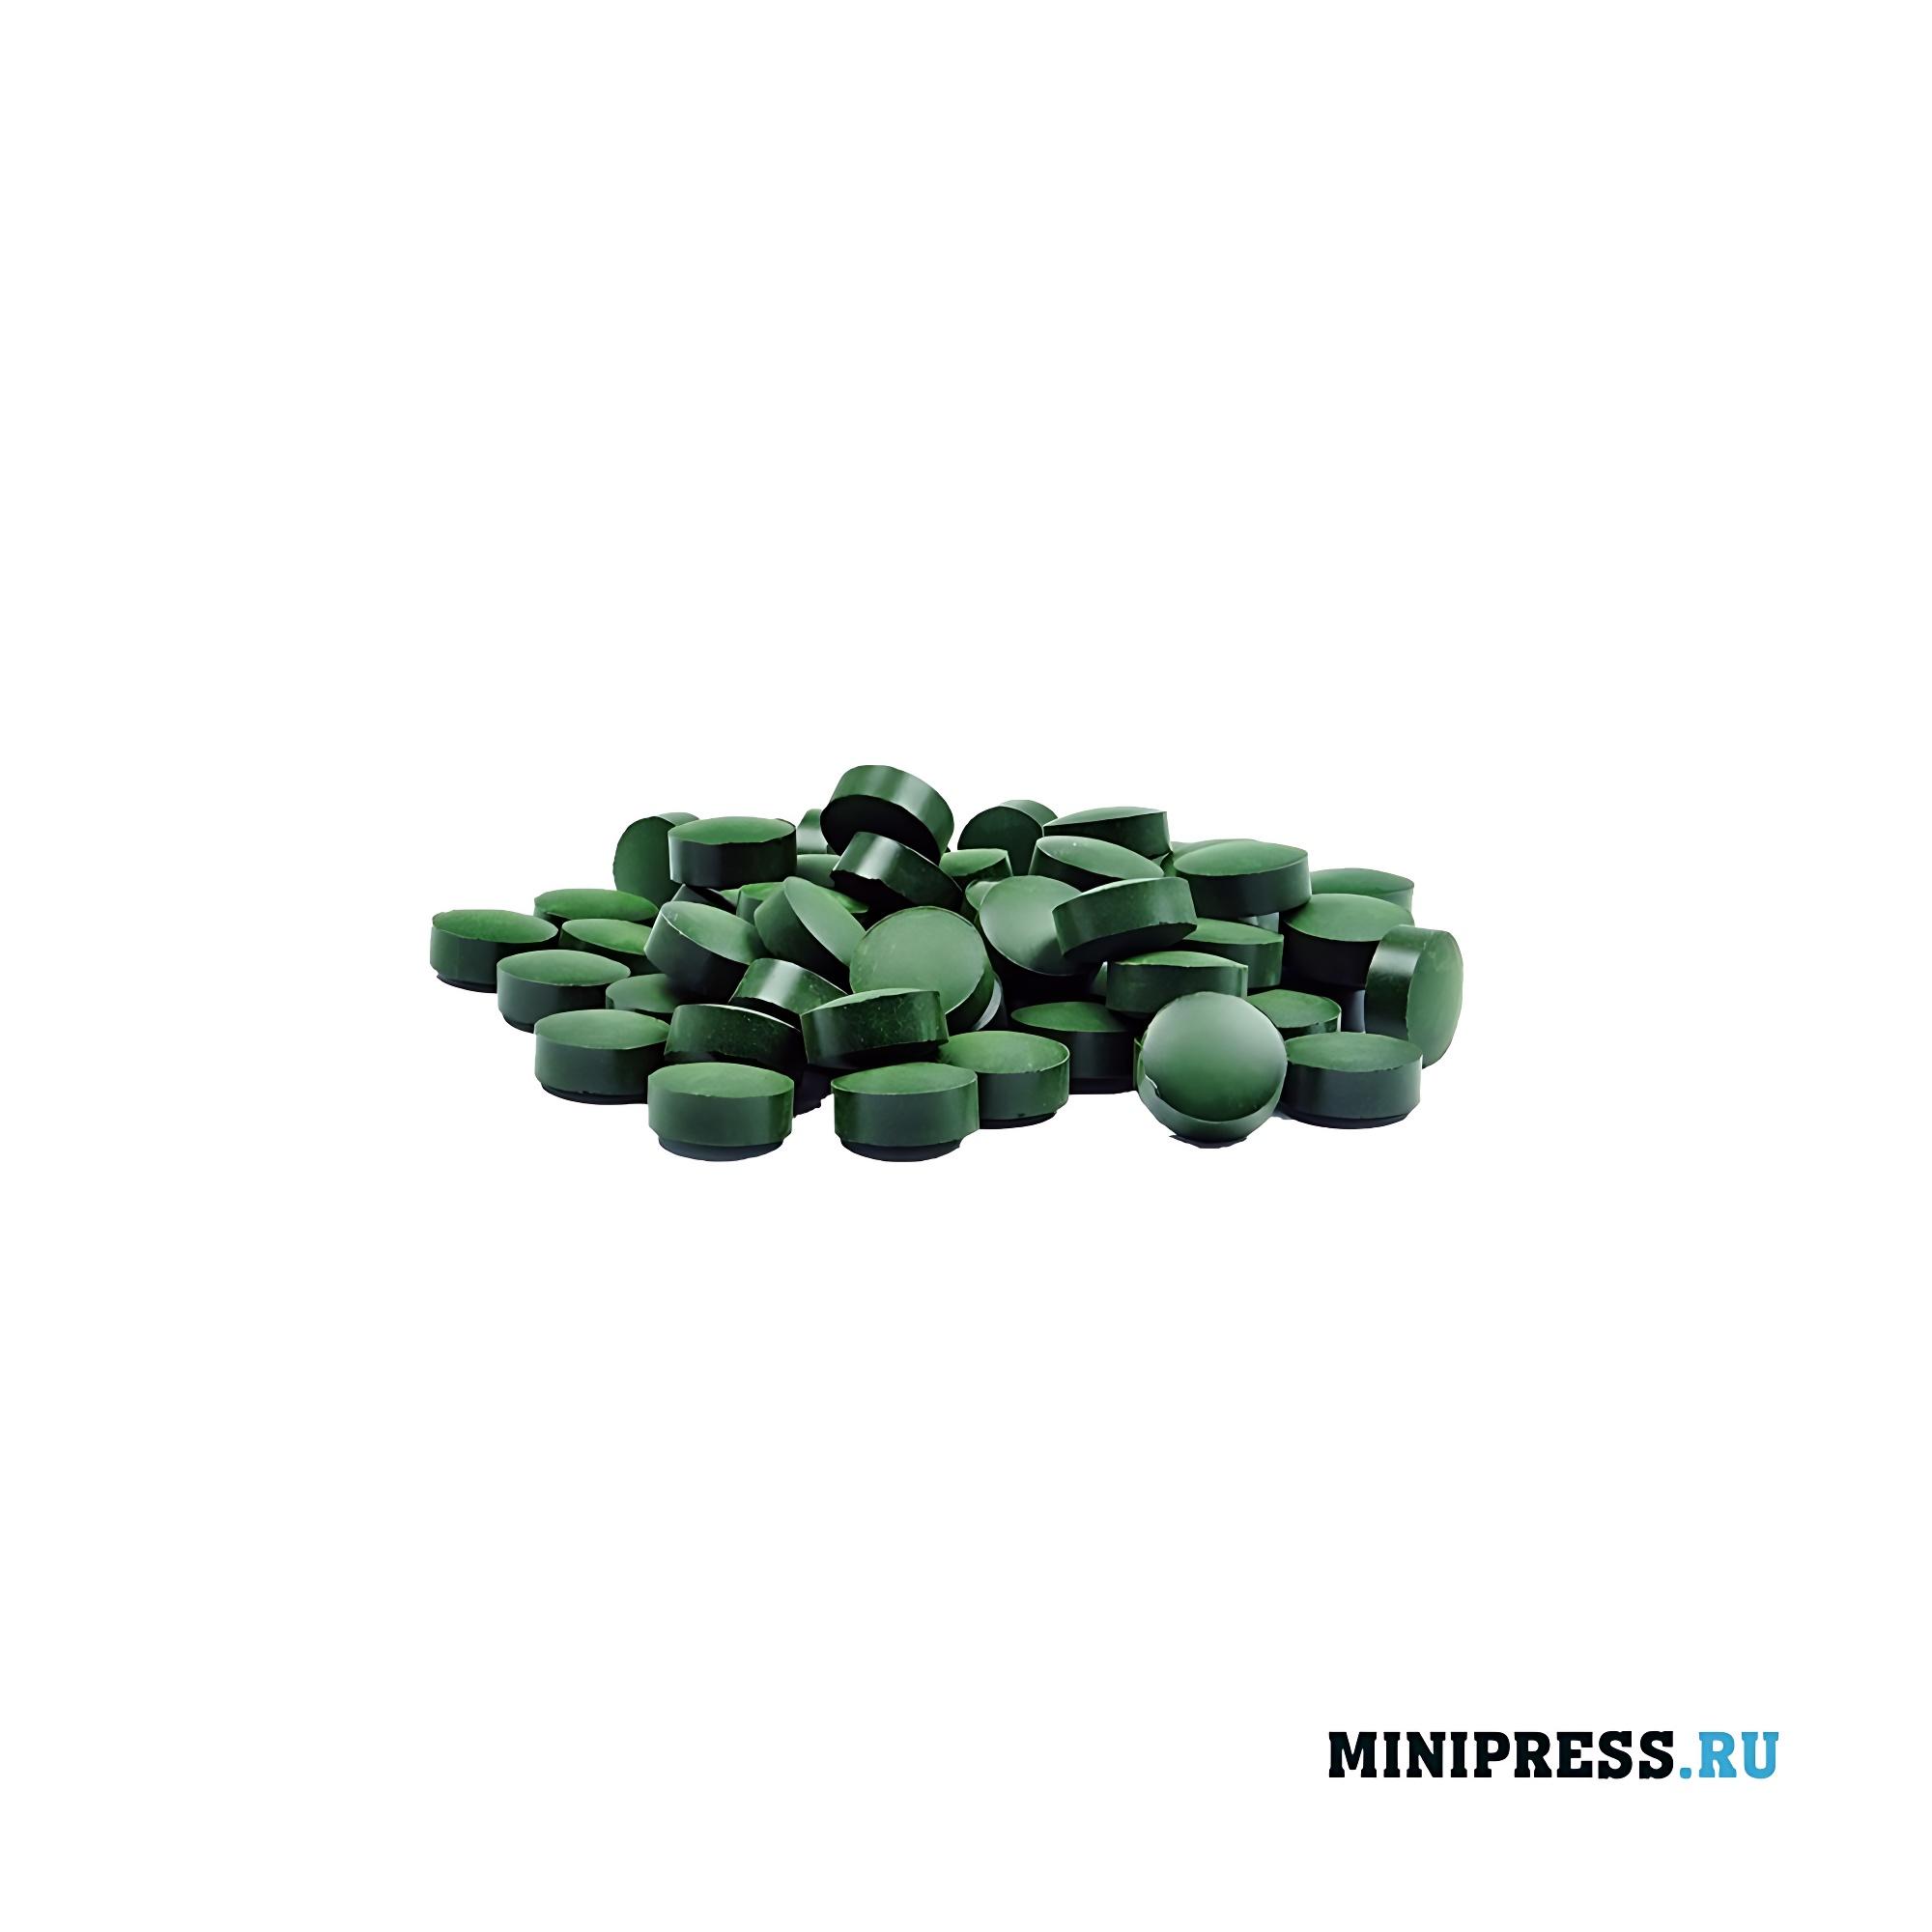 Фармацевтические изделия после прессовки